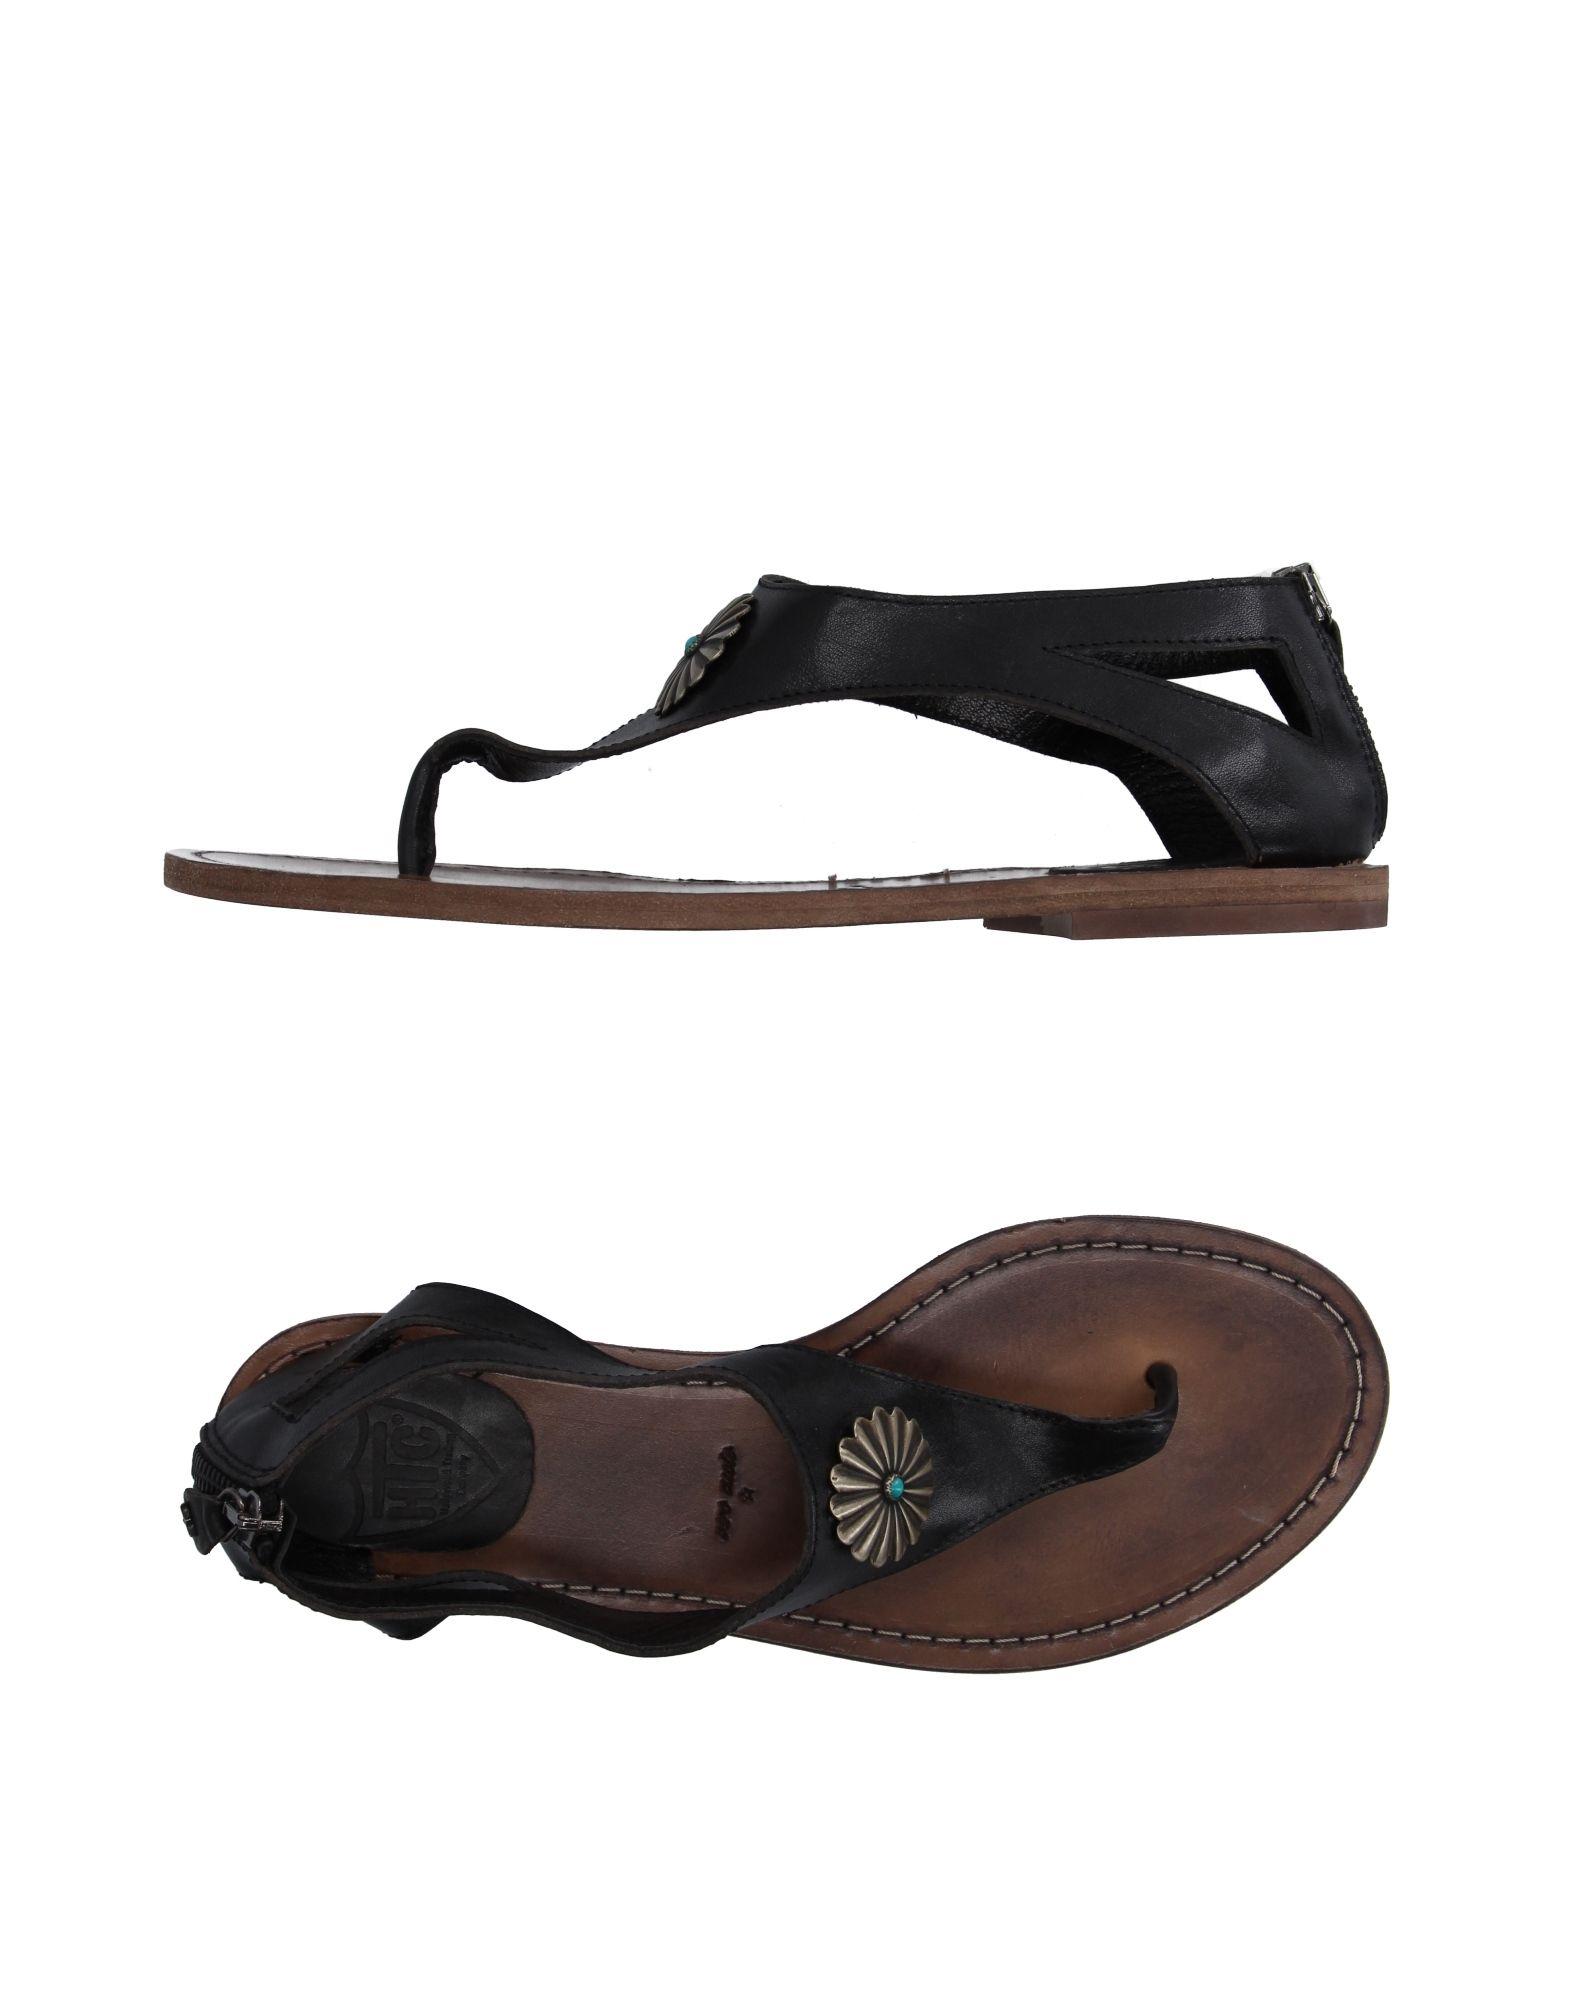 Htc Dianetten Damen  11095042MF Gute Qualität beliebte Schuhe